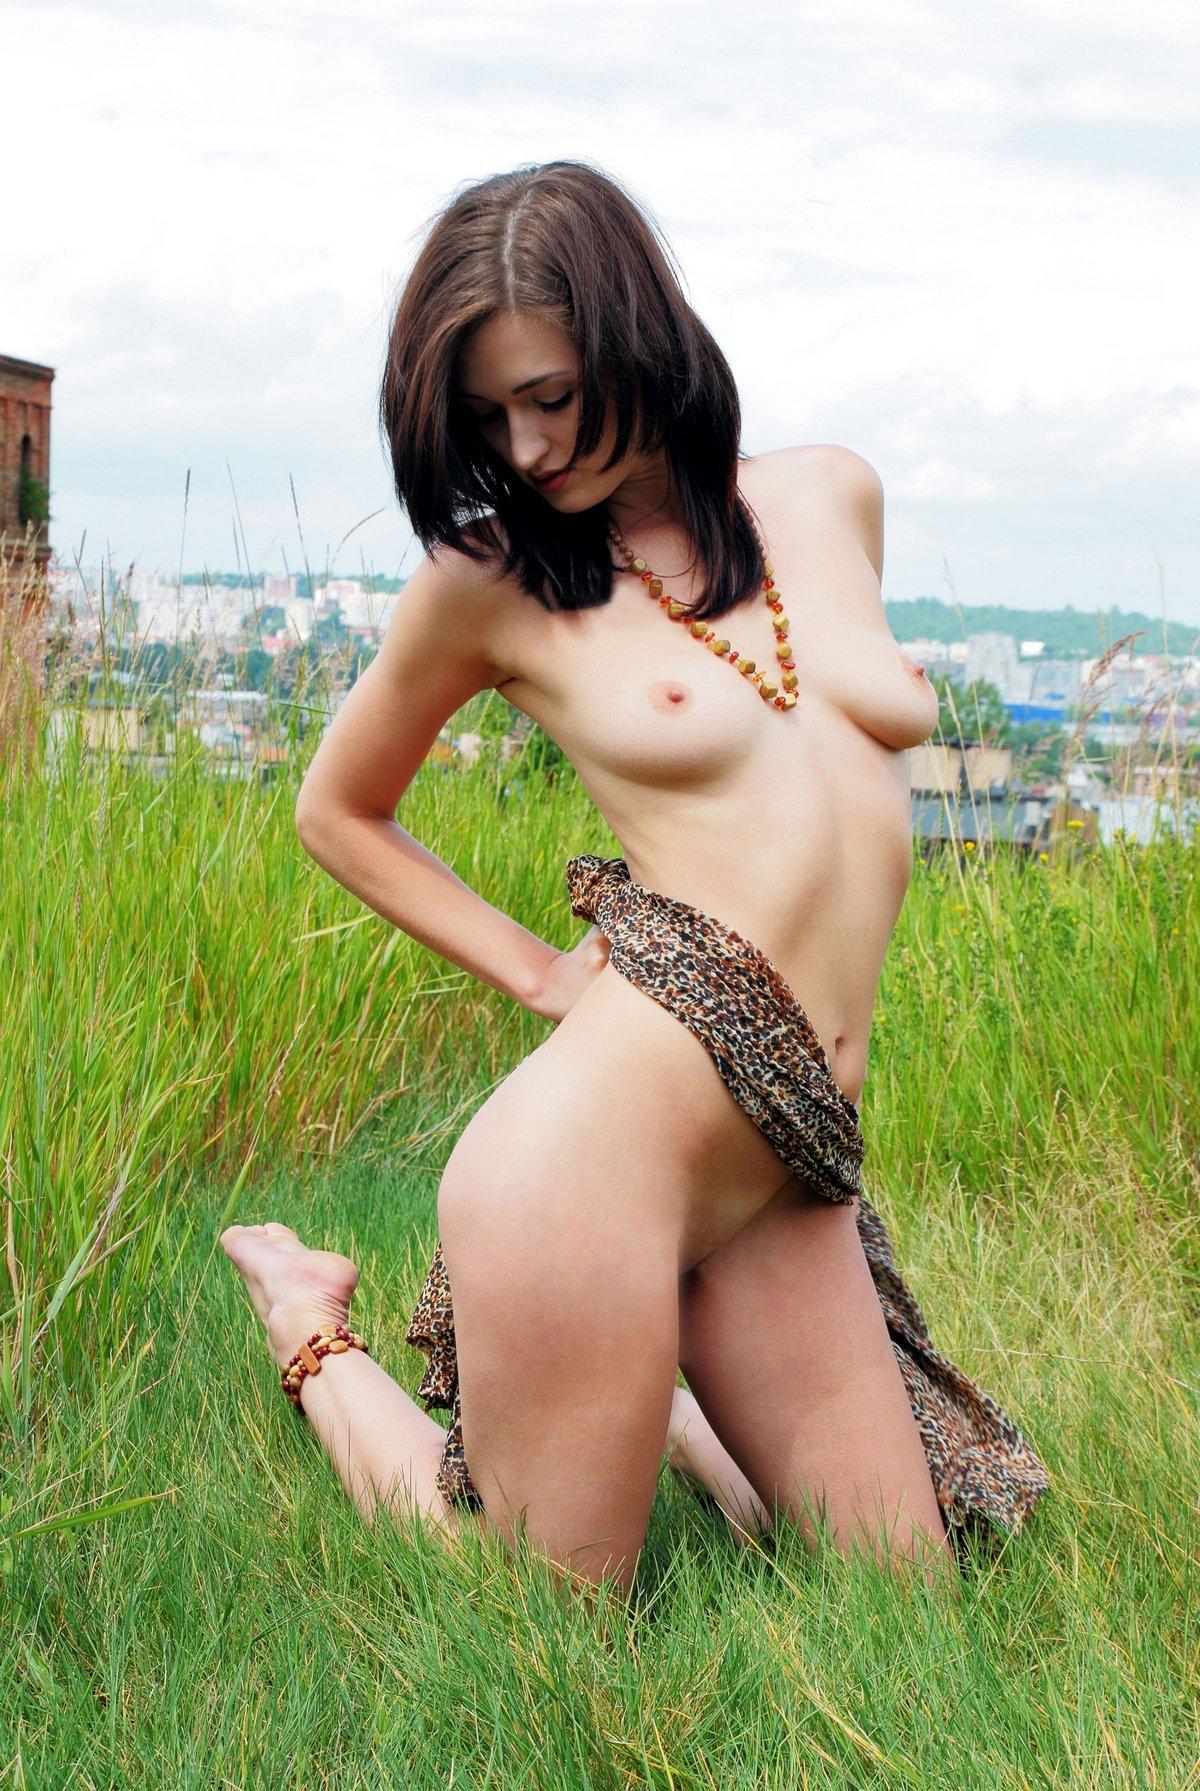 Брюнетка задирает платье и раздвигает ножки на полянке